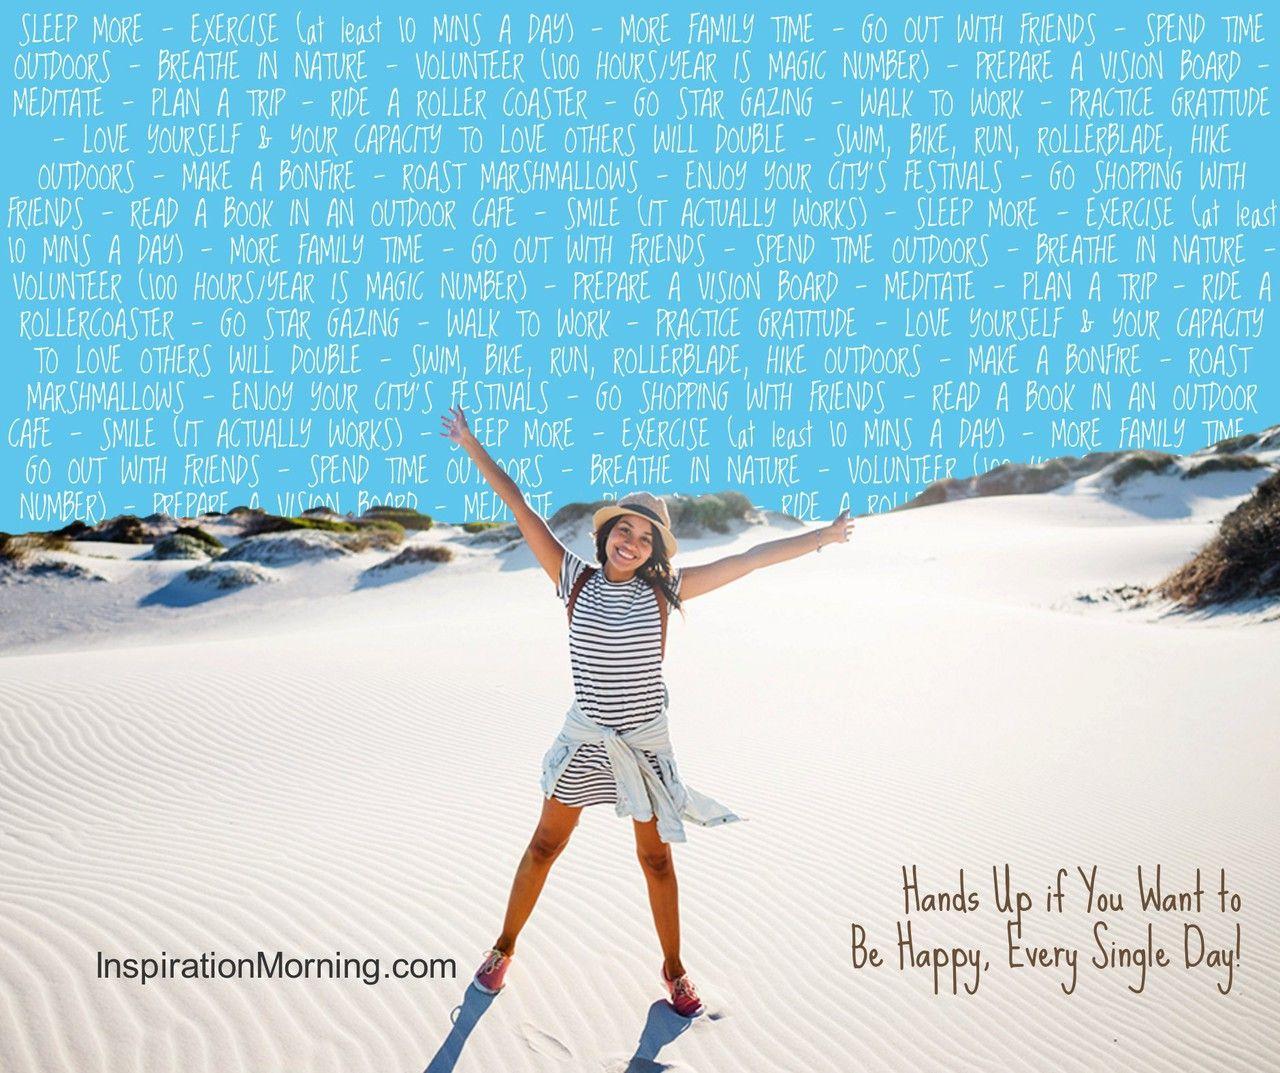 Morning Inspiration July 16 Inspirationalquotes